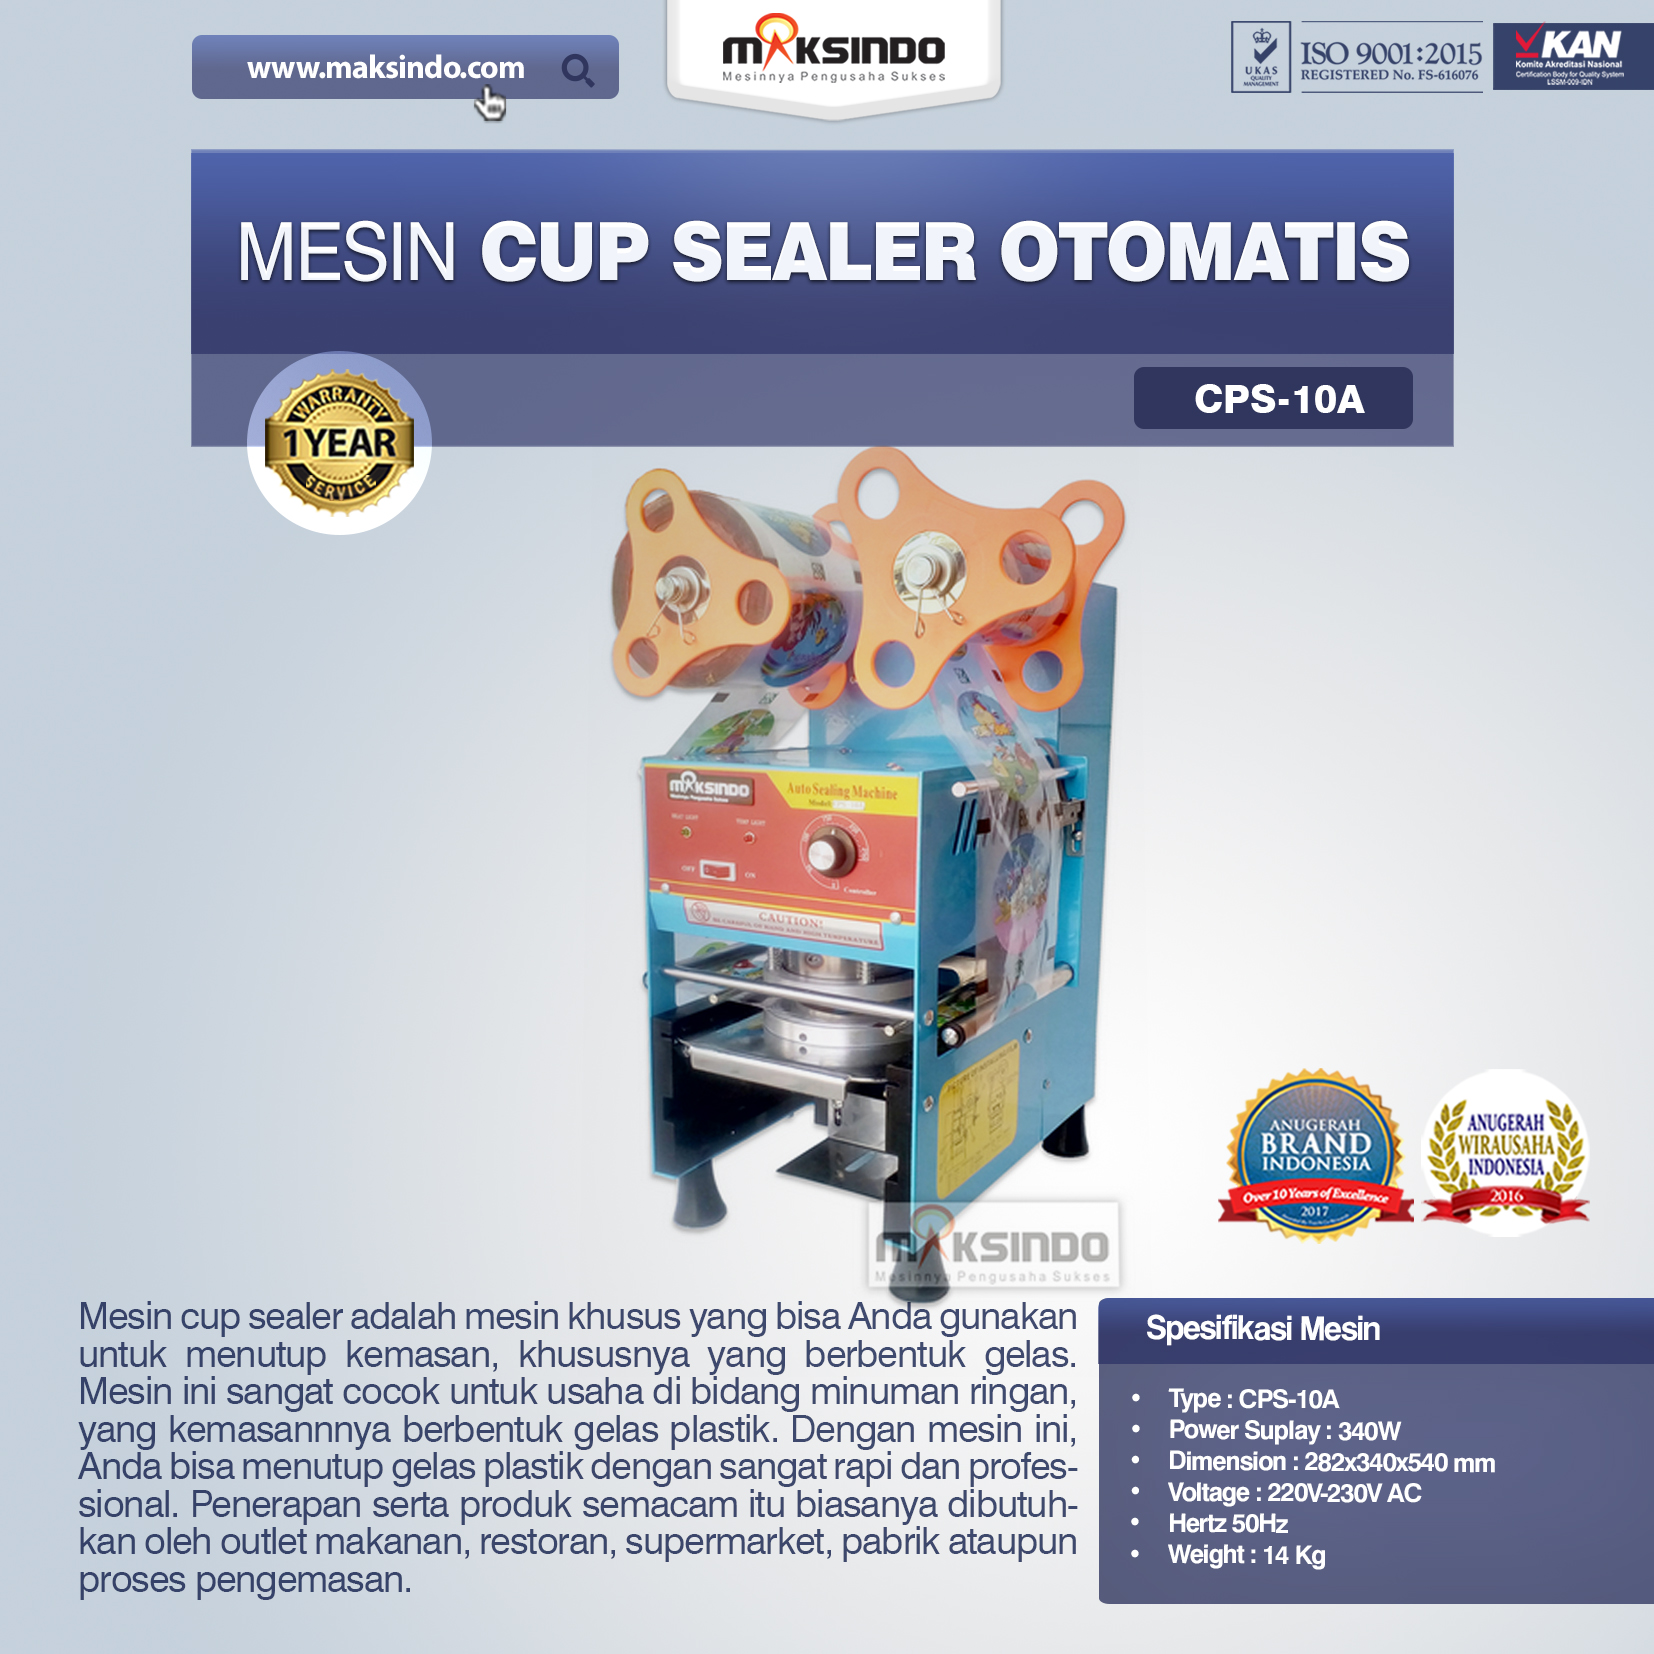 Jual Mesin Cup Sealer Otomatis (CPS-10A) di Tangerang